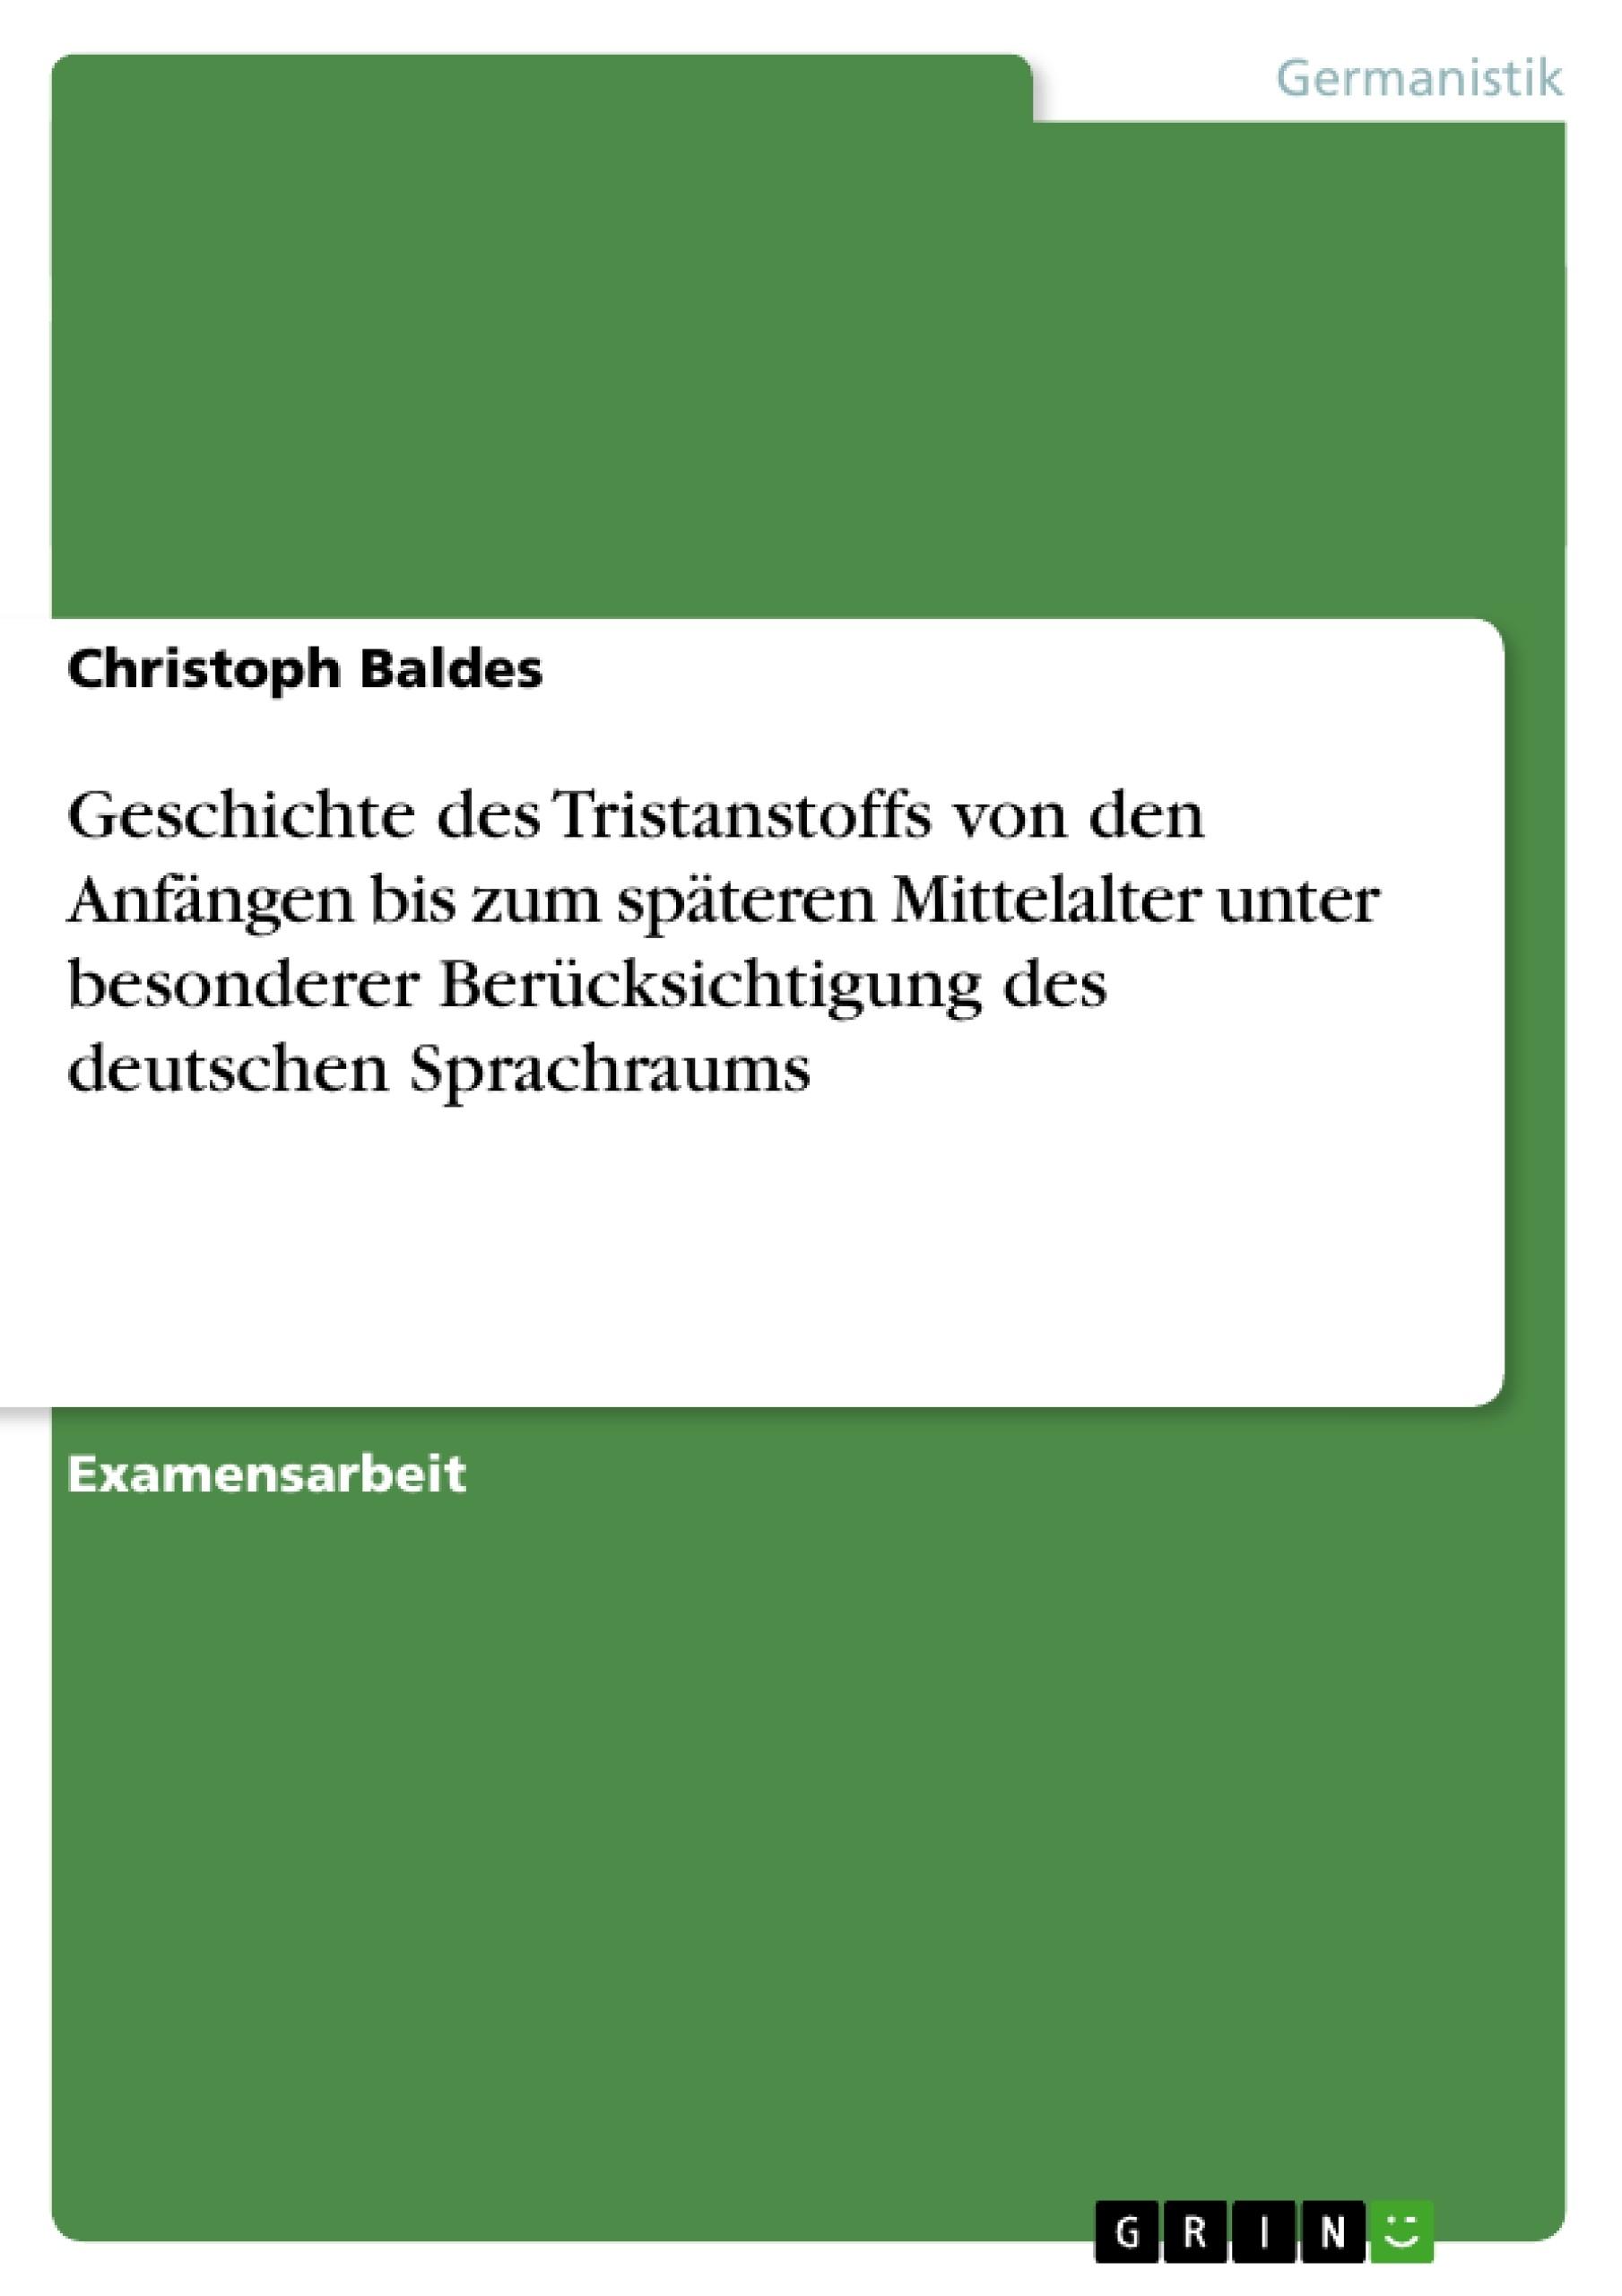 Titel: Geschichte des Tristanstoffs von den Anfängen bis zum späteren Mittelalter unter besonderer Berücksichtigung des deutschen Sprachraums